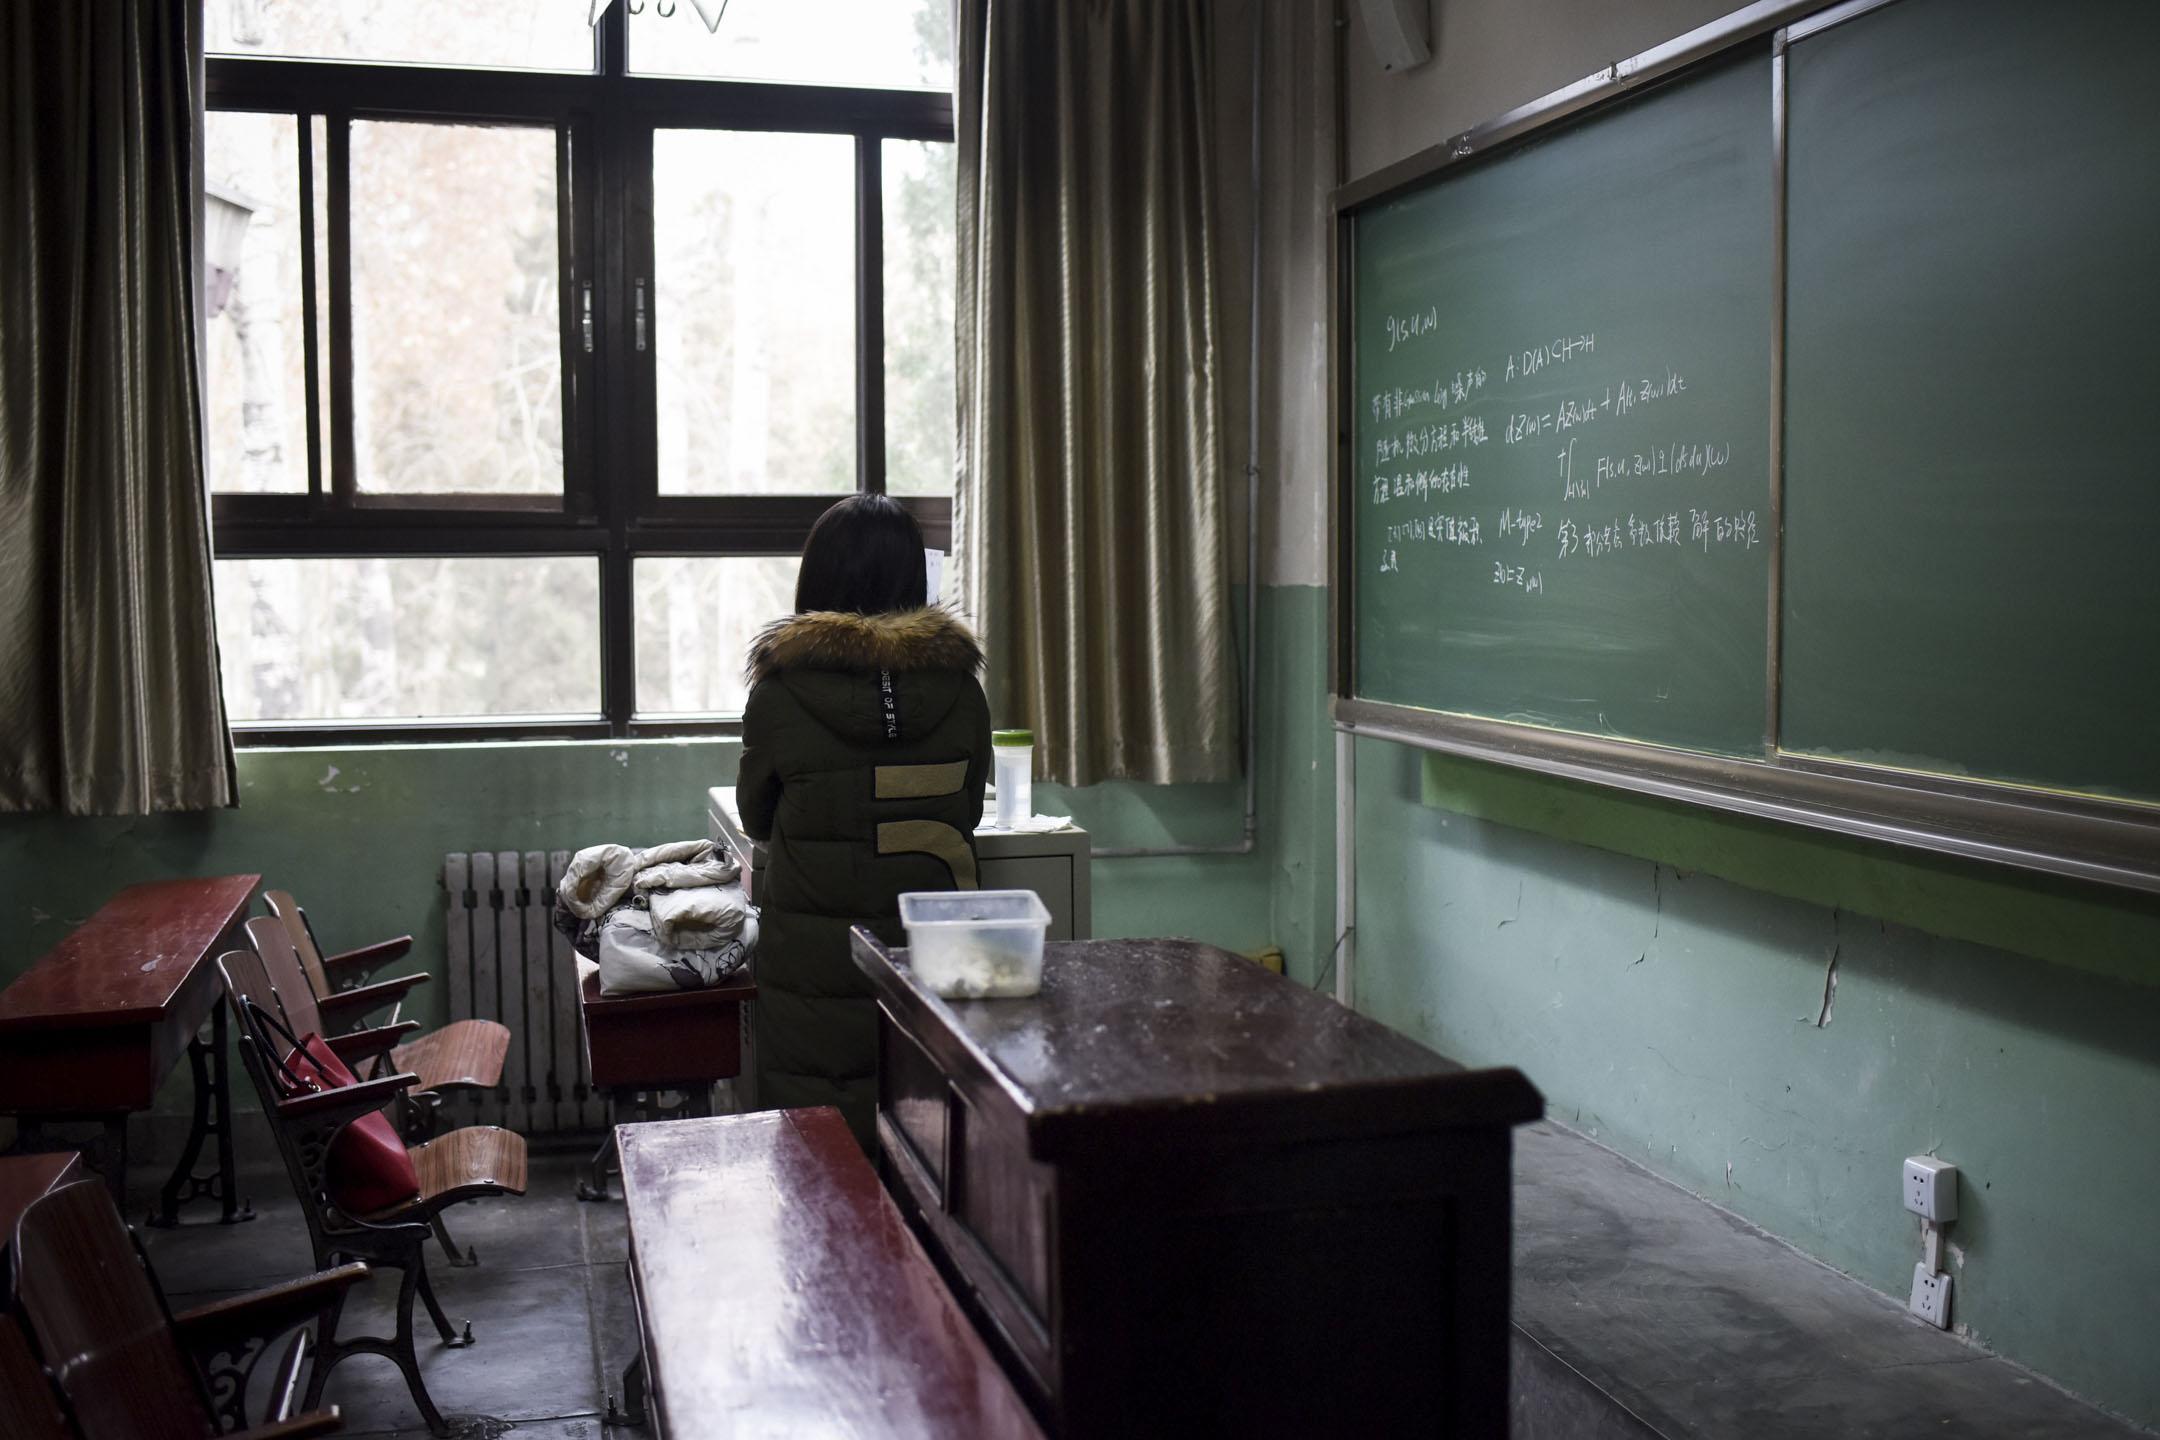 北京航空航天大學畢業生羅茜茜實名舉報教授陳小武性騷擾。翌日,女權主義者張累累發起「萬人致信母校」行動,呼籲高校畢業生或在讀學生向母校發出公開信——要求大學建立反性騷擾機制。圖為2018年1月17日,北京航空航天大學一名女學生在一個教室裏。 攝:Wang Zhao/AFP/Getty Images